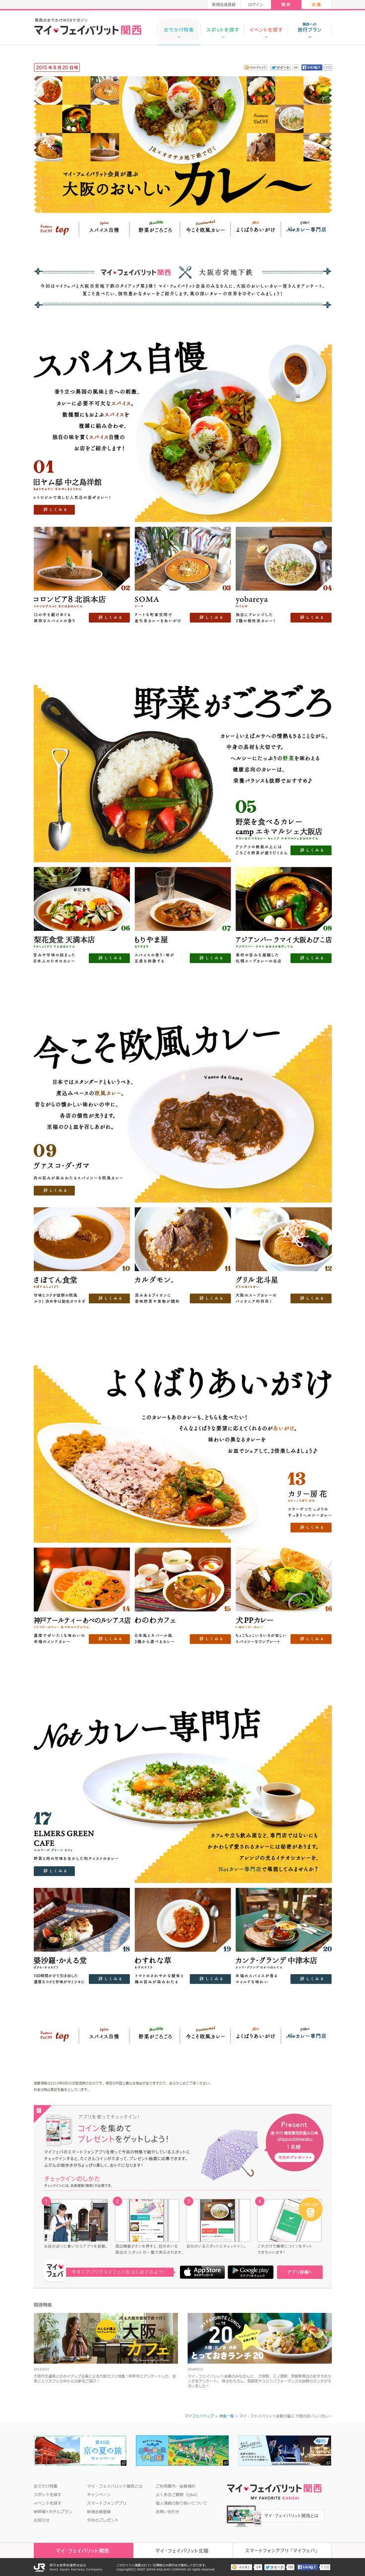 【特集Vol.98】マイ・フェイバリット会員が選ぶ 大阪のおいしいカレー:マイ・フェイバリット関西